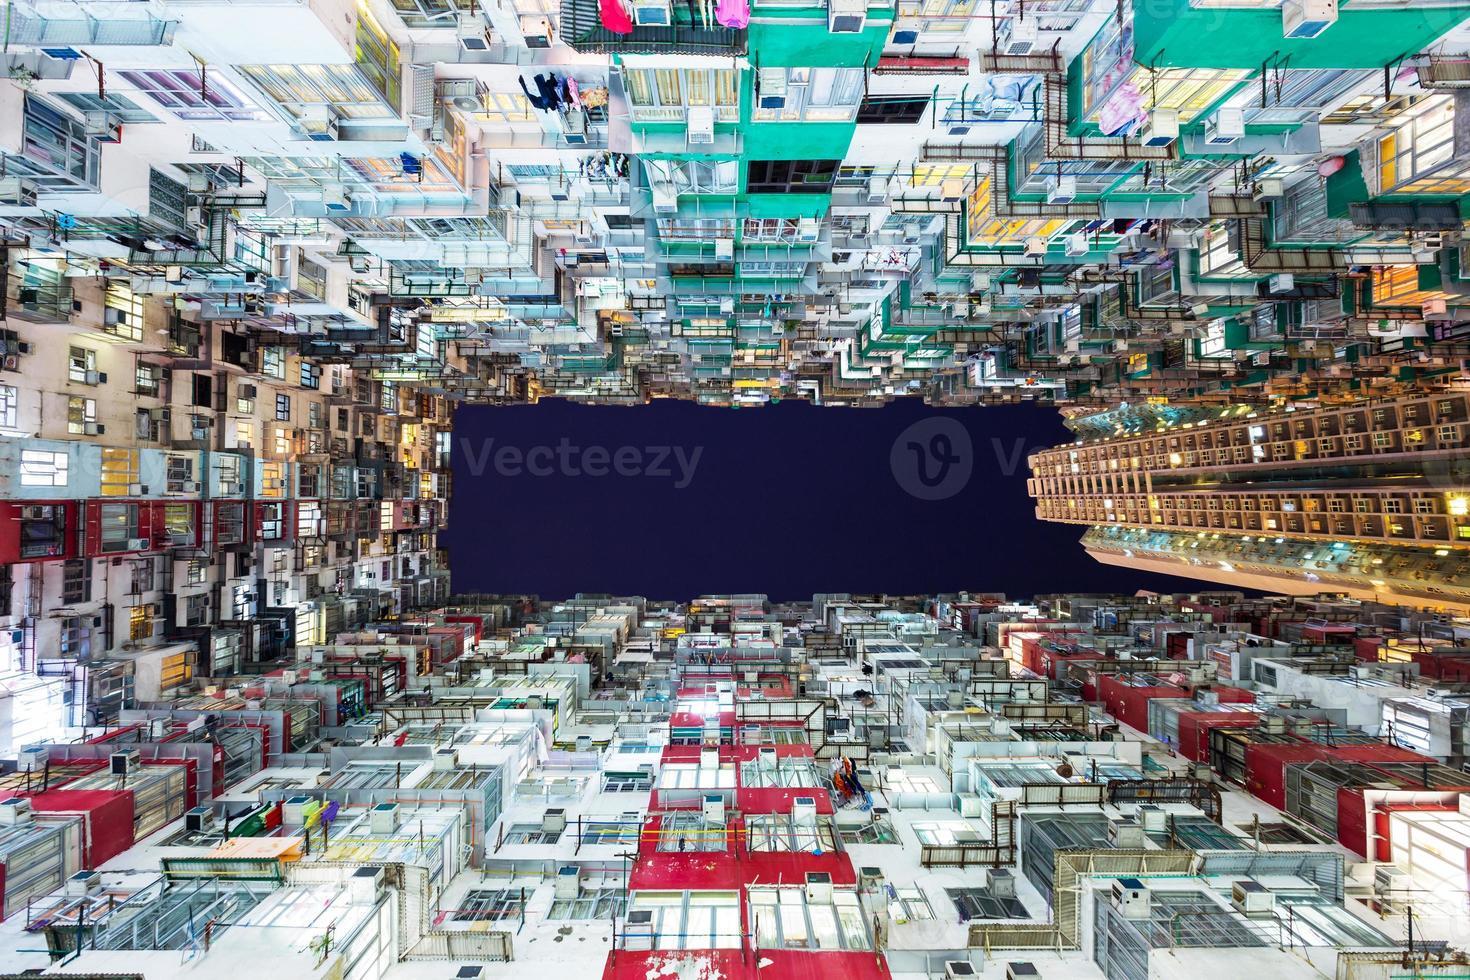 överfulla bostadshus i Hong Kong foto